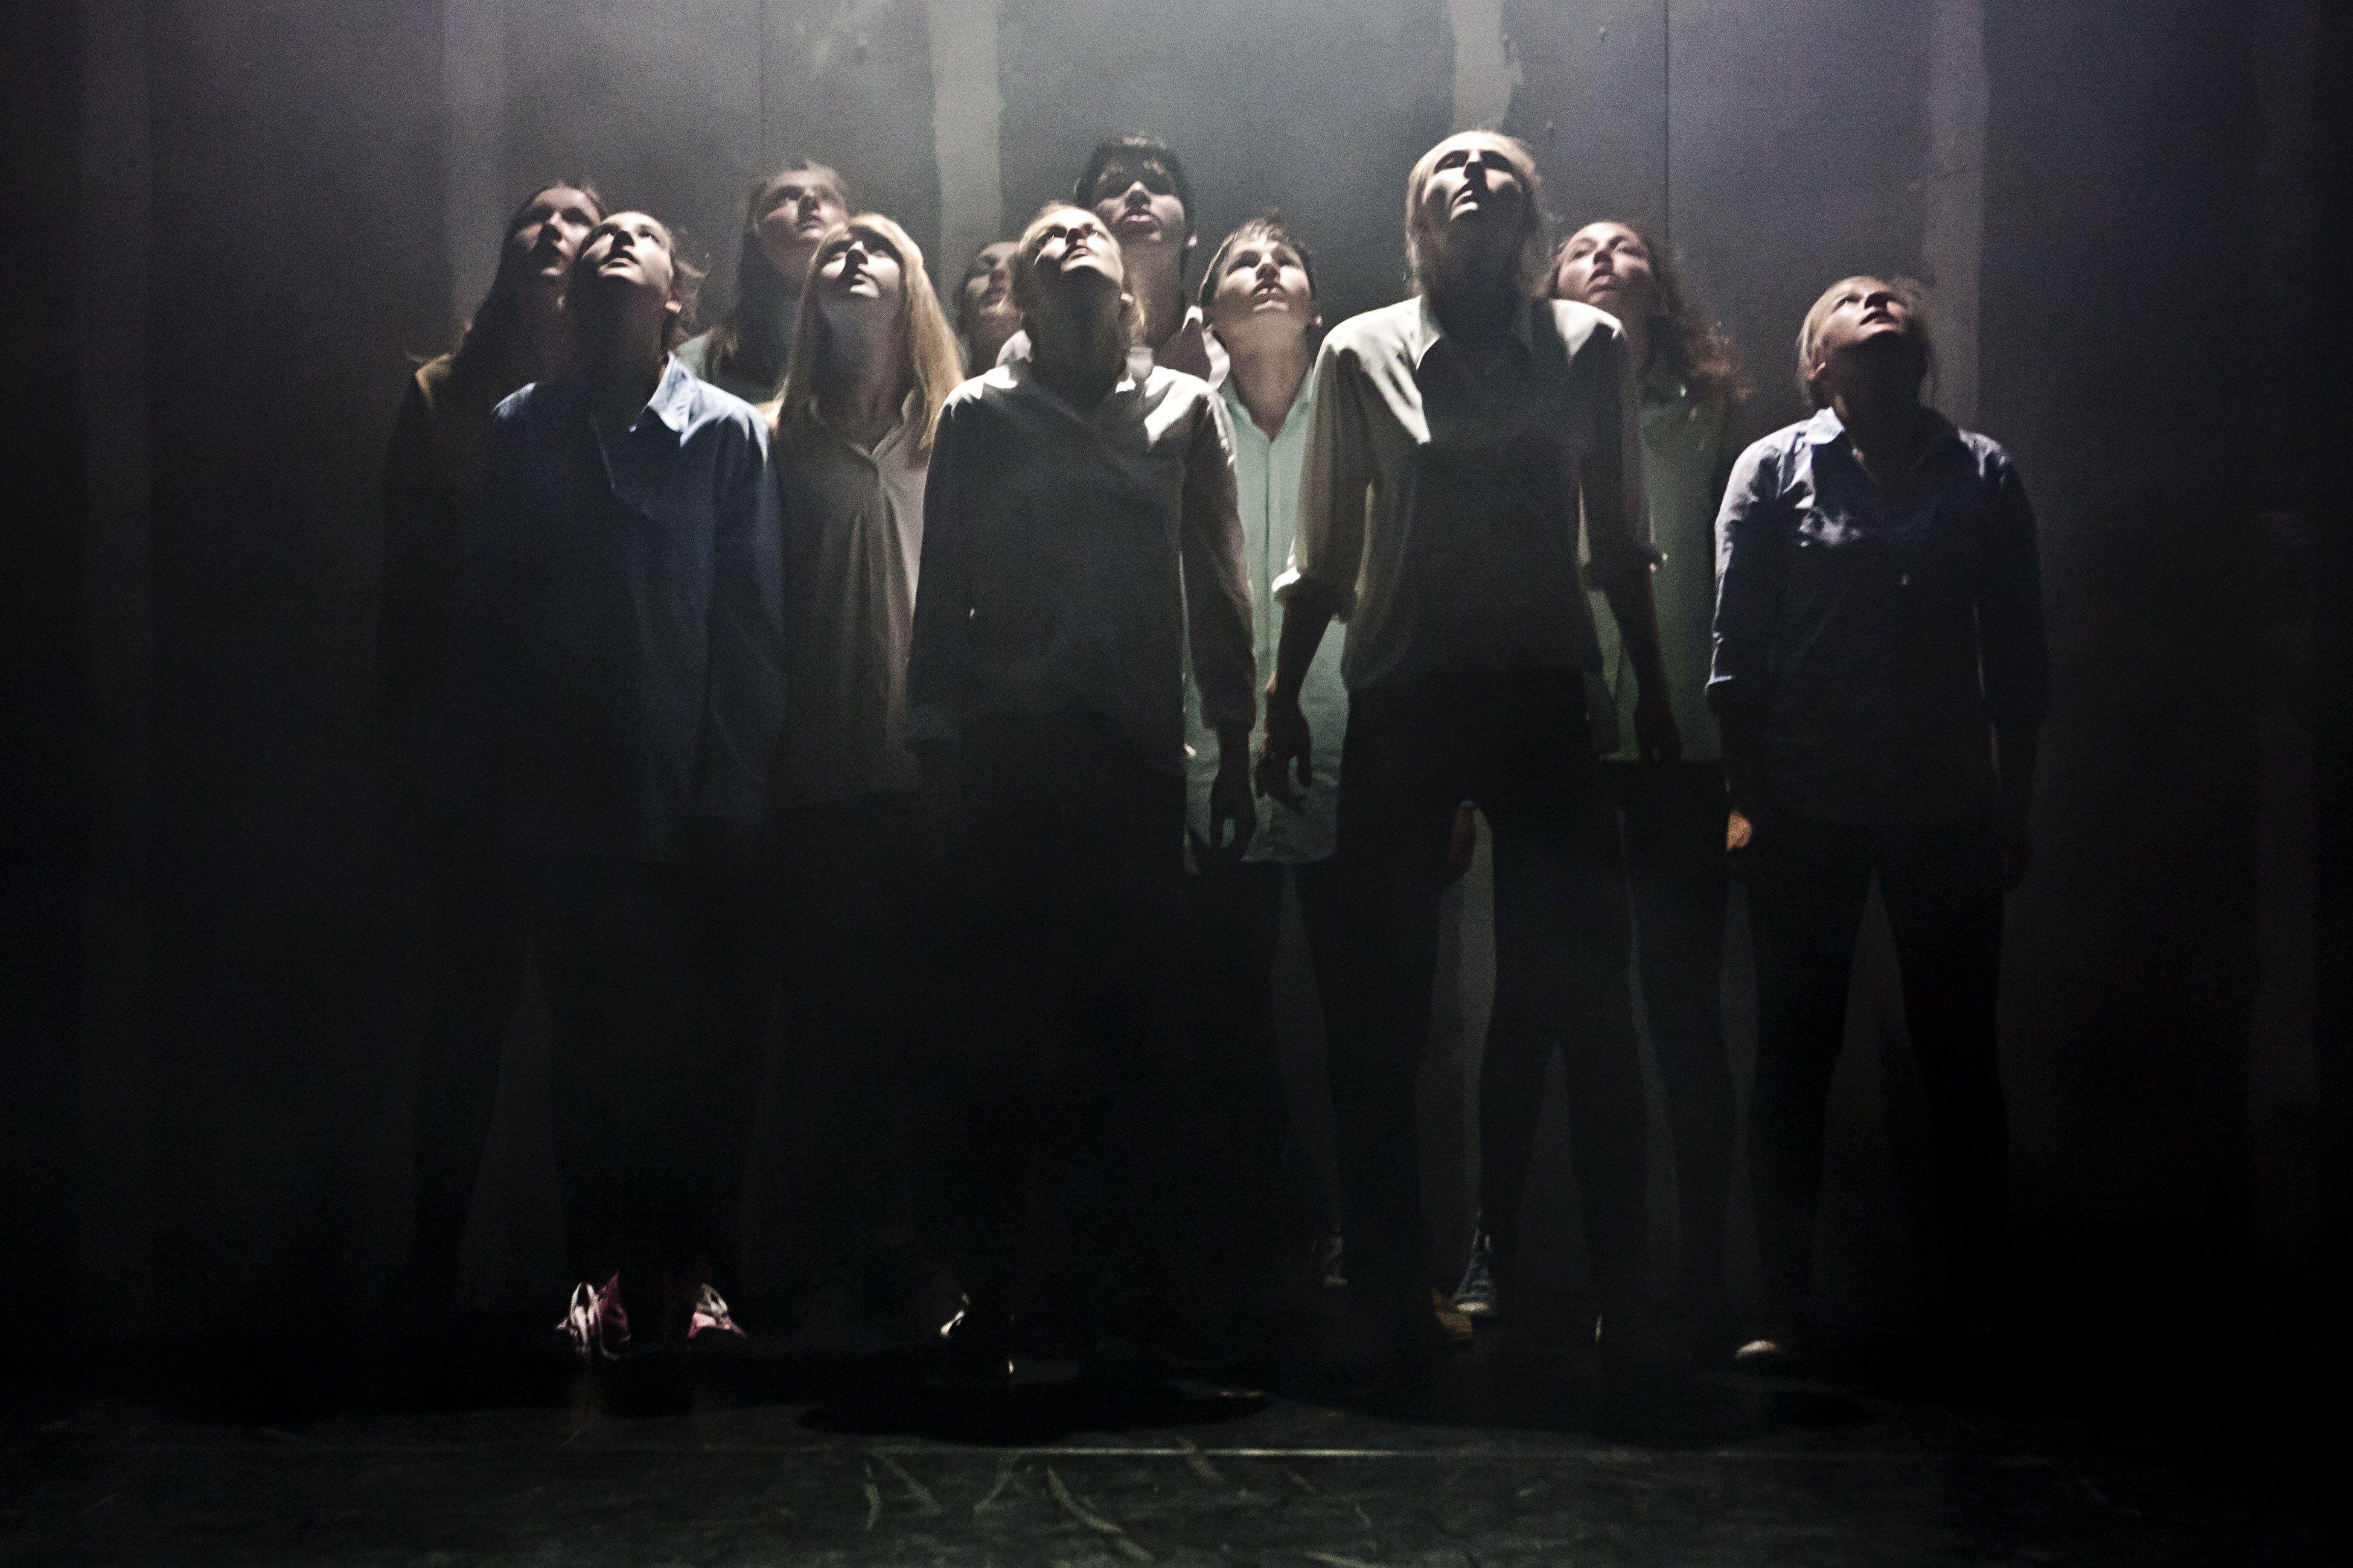 STRAHLENDGRAU Theaterstück des Theaterclubs des Oldenburgischen Staatstheaters